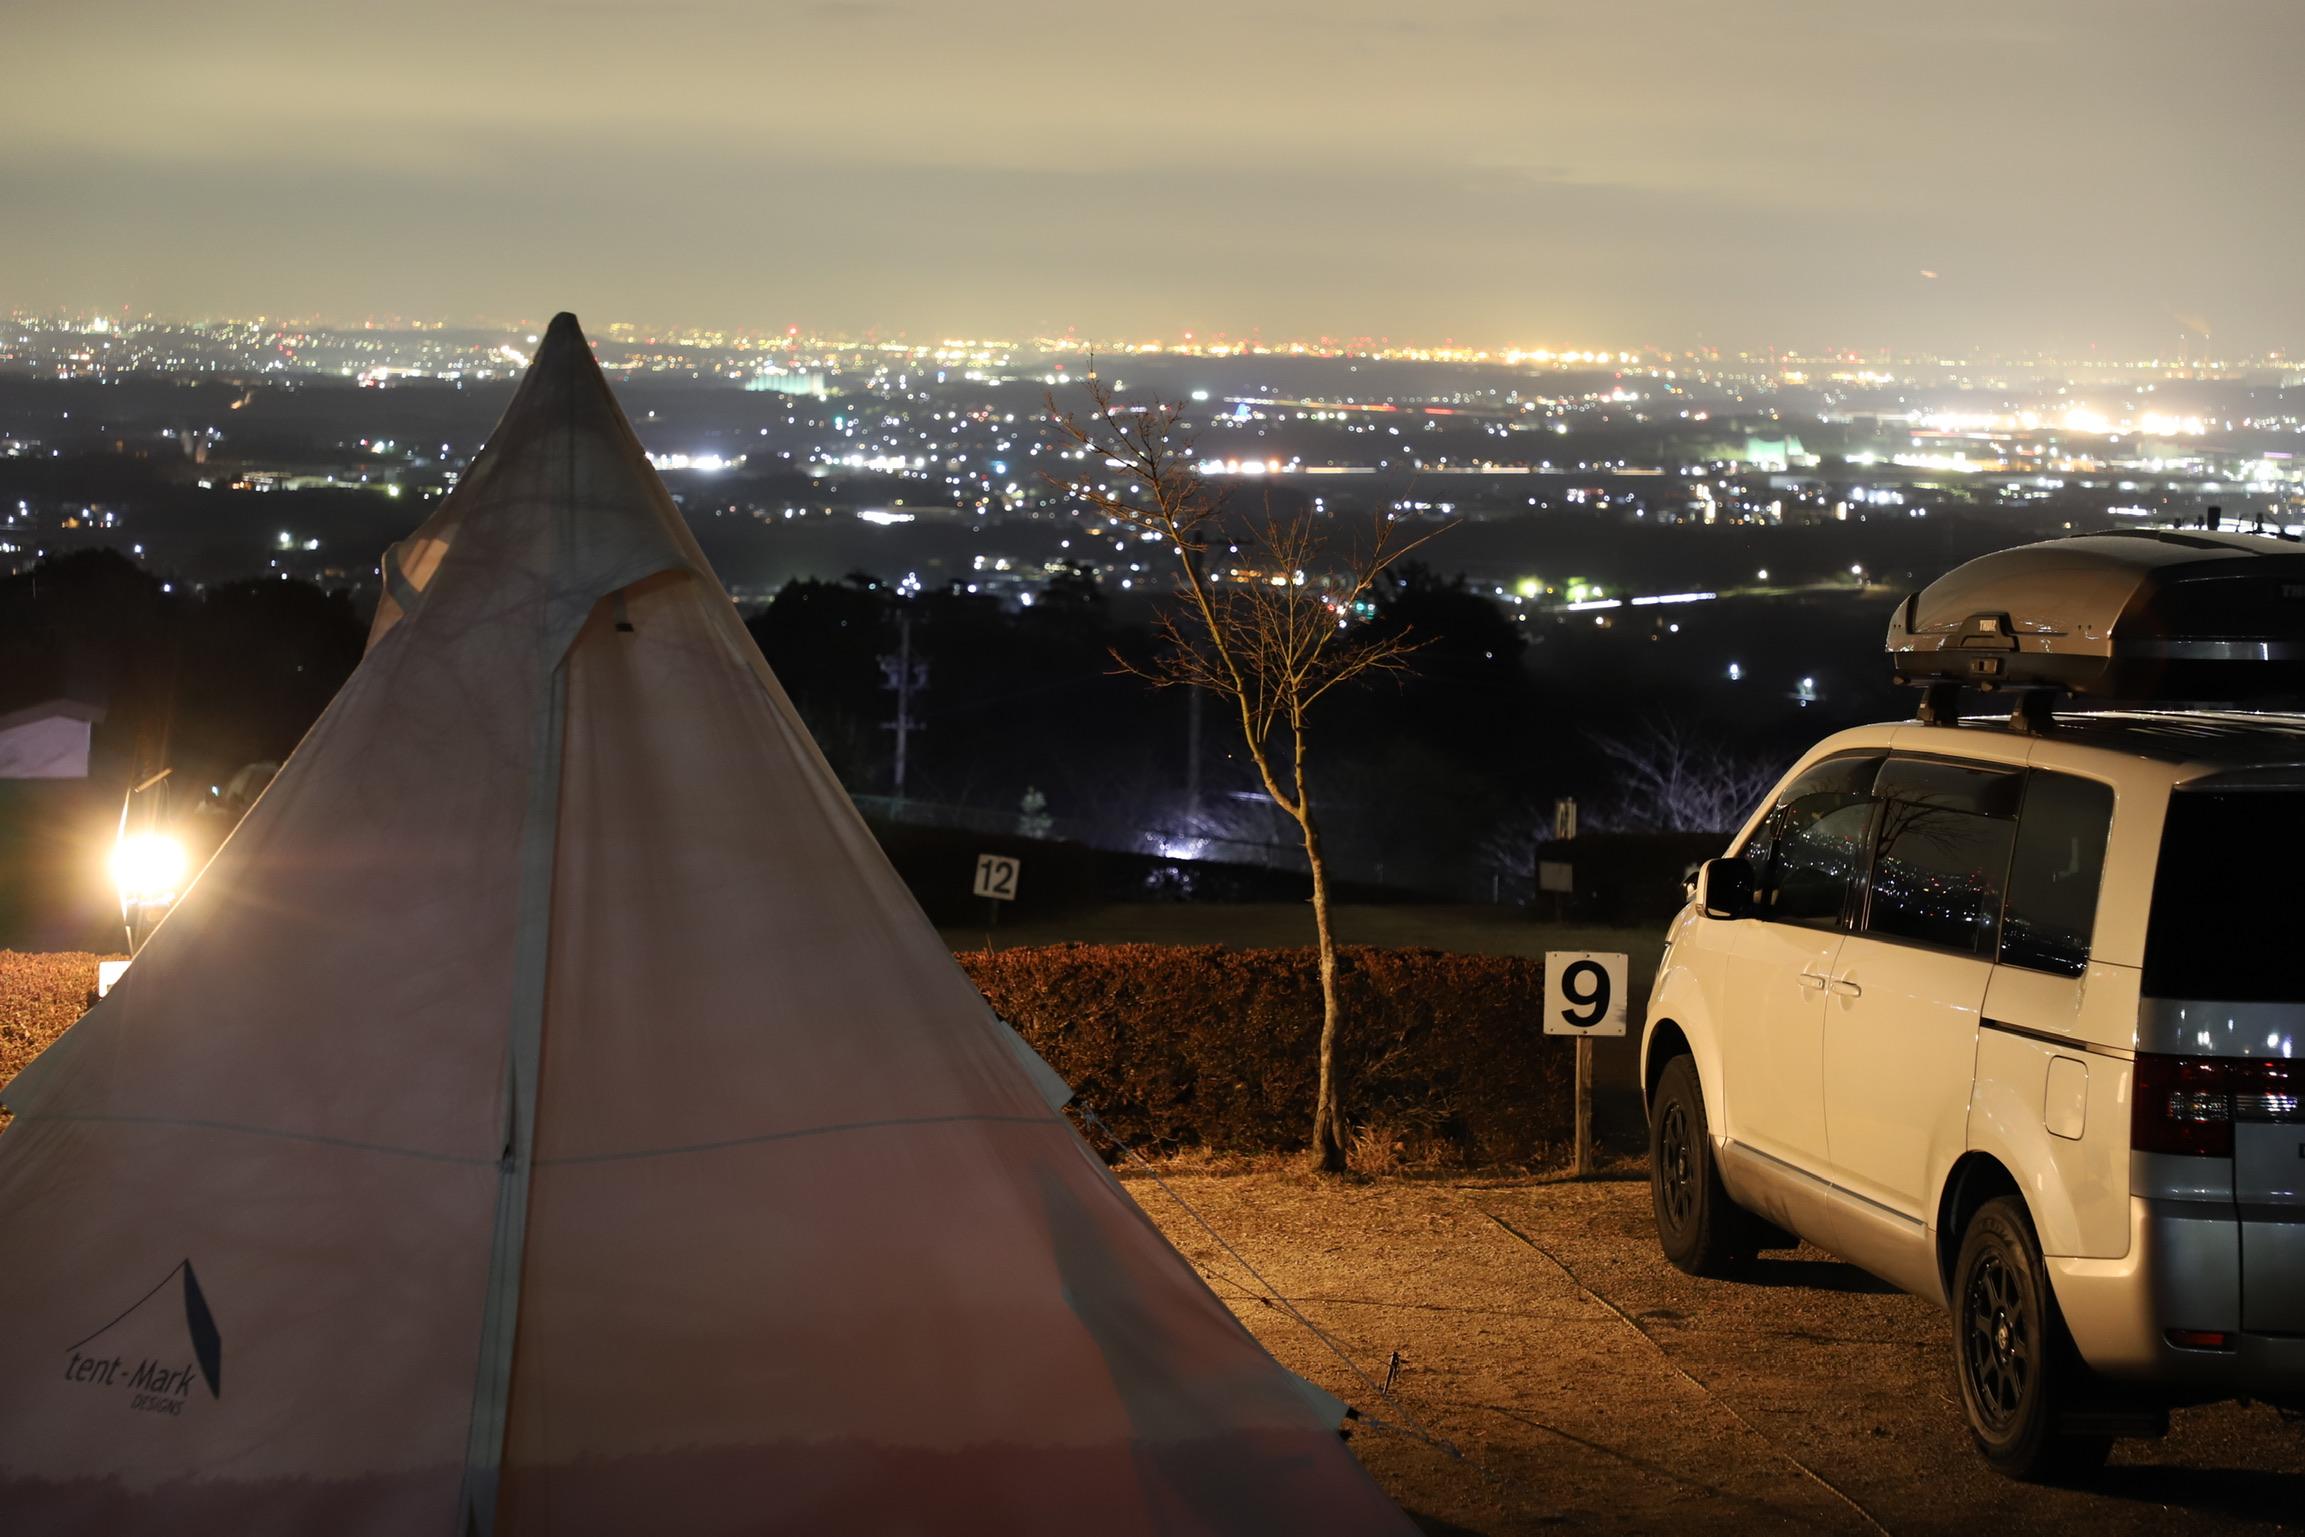 ばっちり夜景が見える段々サイト☆尾高高原キャンプ場